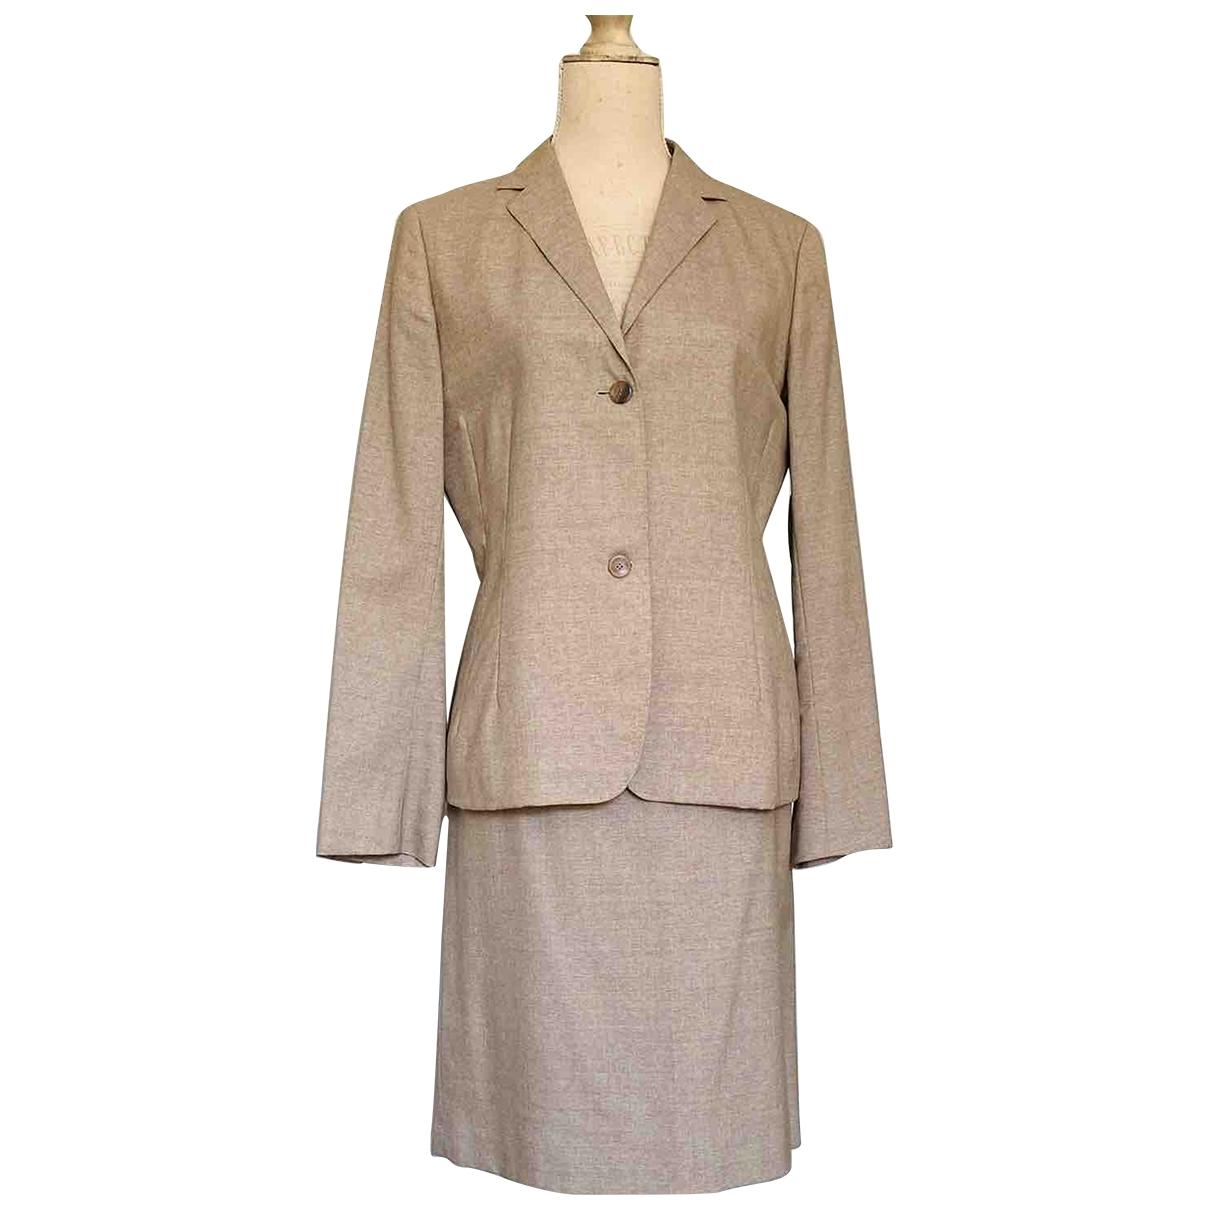 Jil Sander \N Beige Wool skirt for Women 44 IT